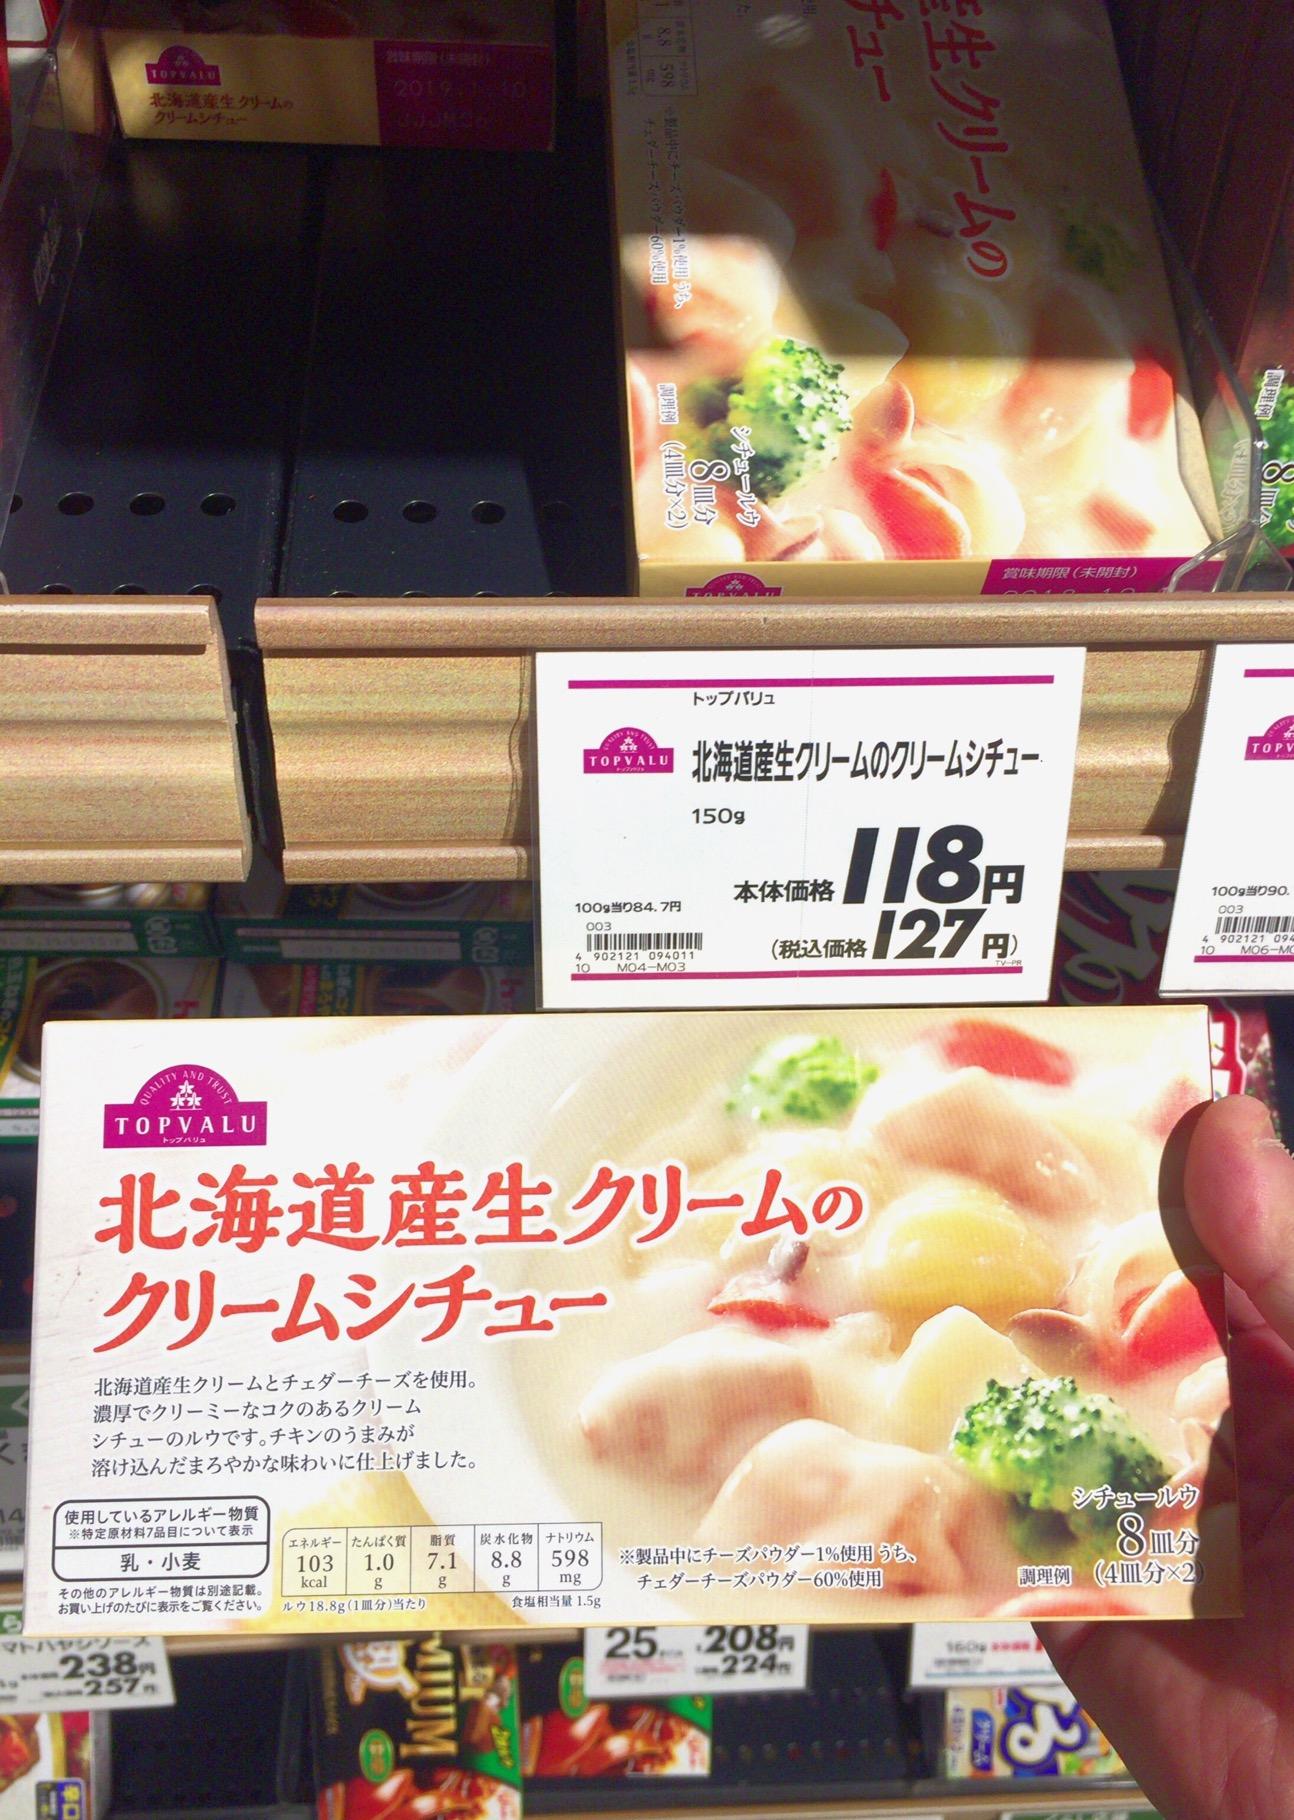 イオンのクリームシチュー箱は118円(撮影:中野龍三)。